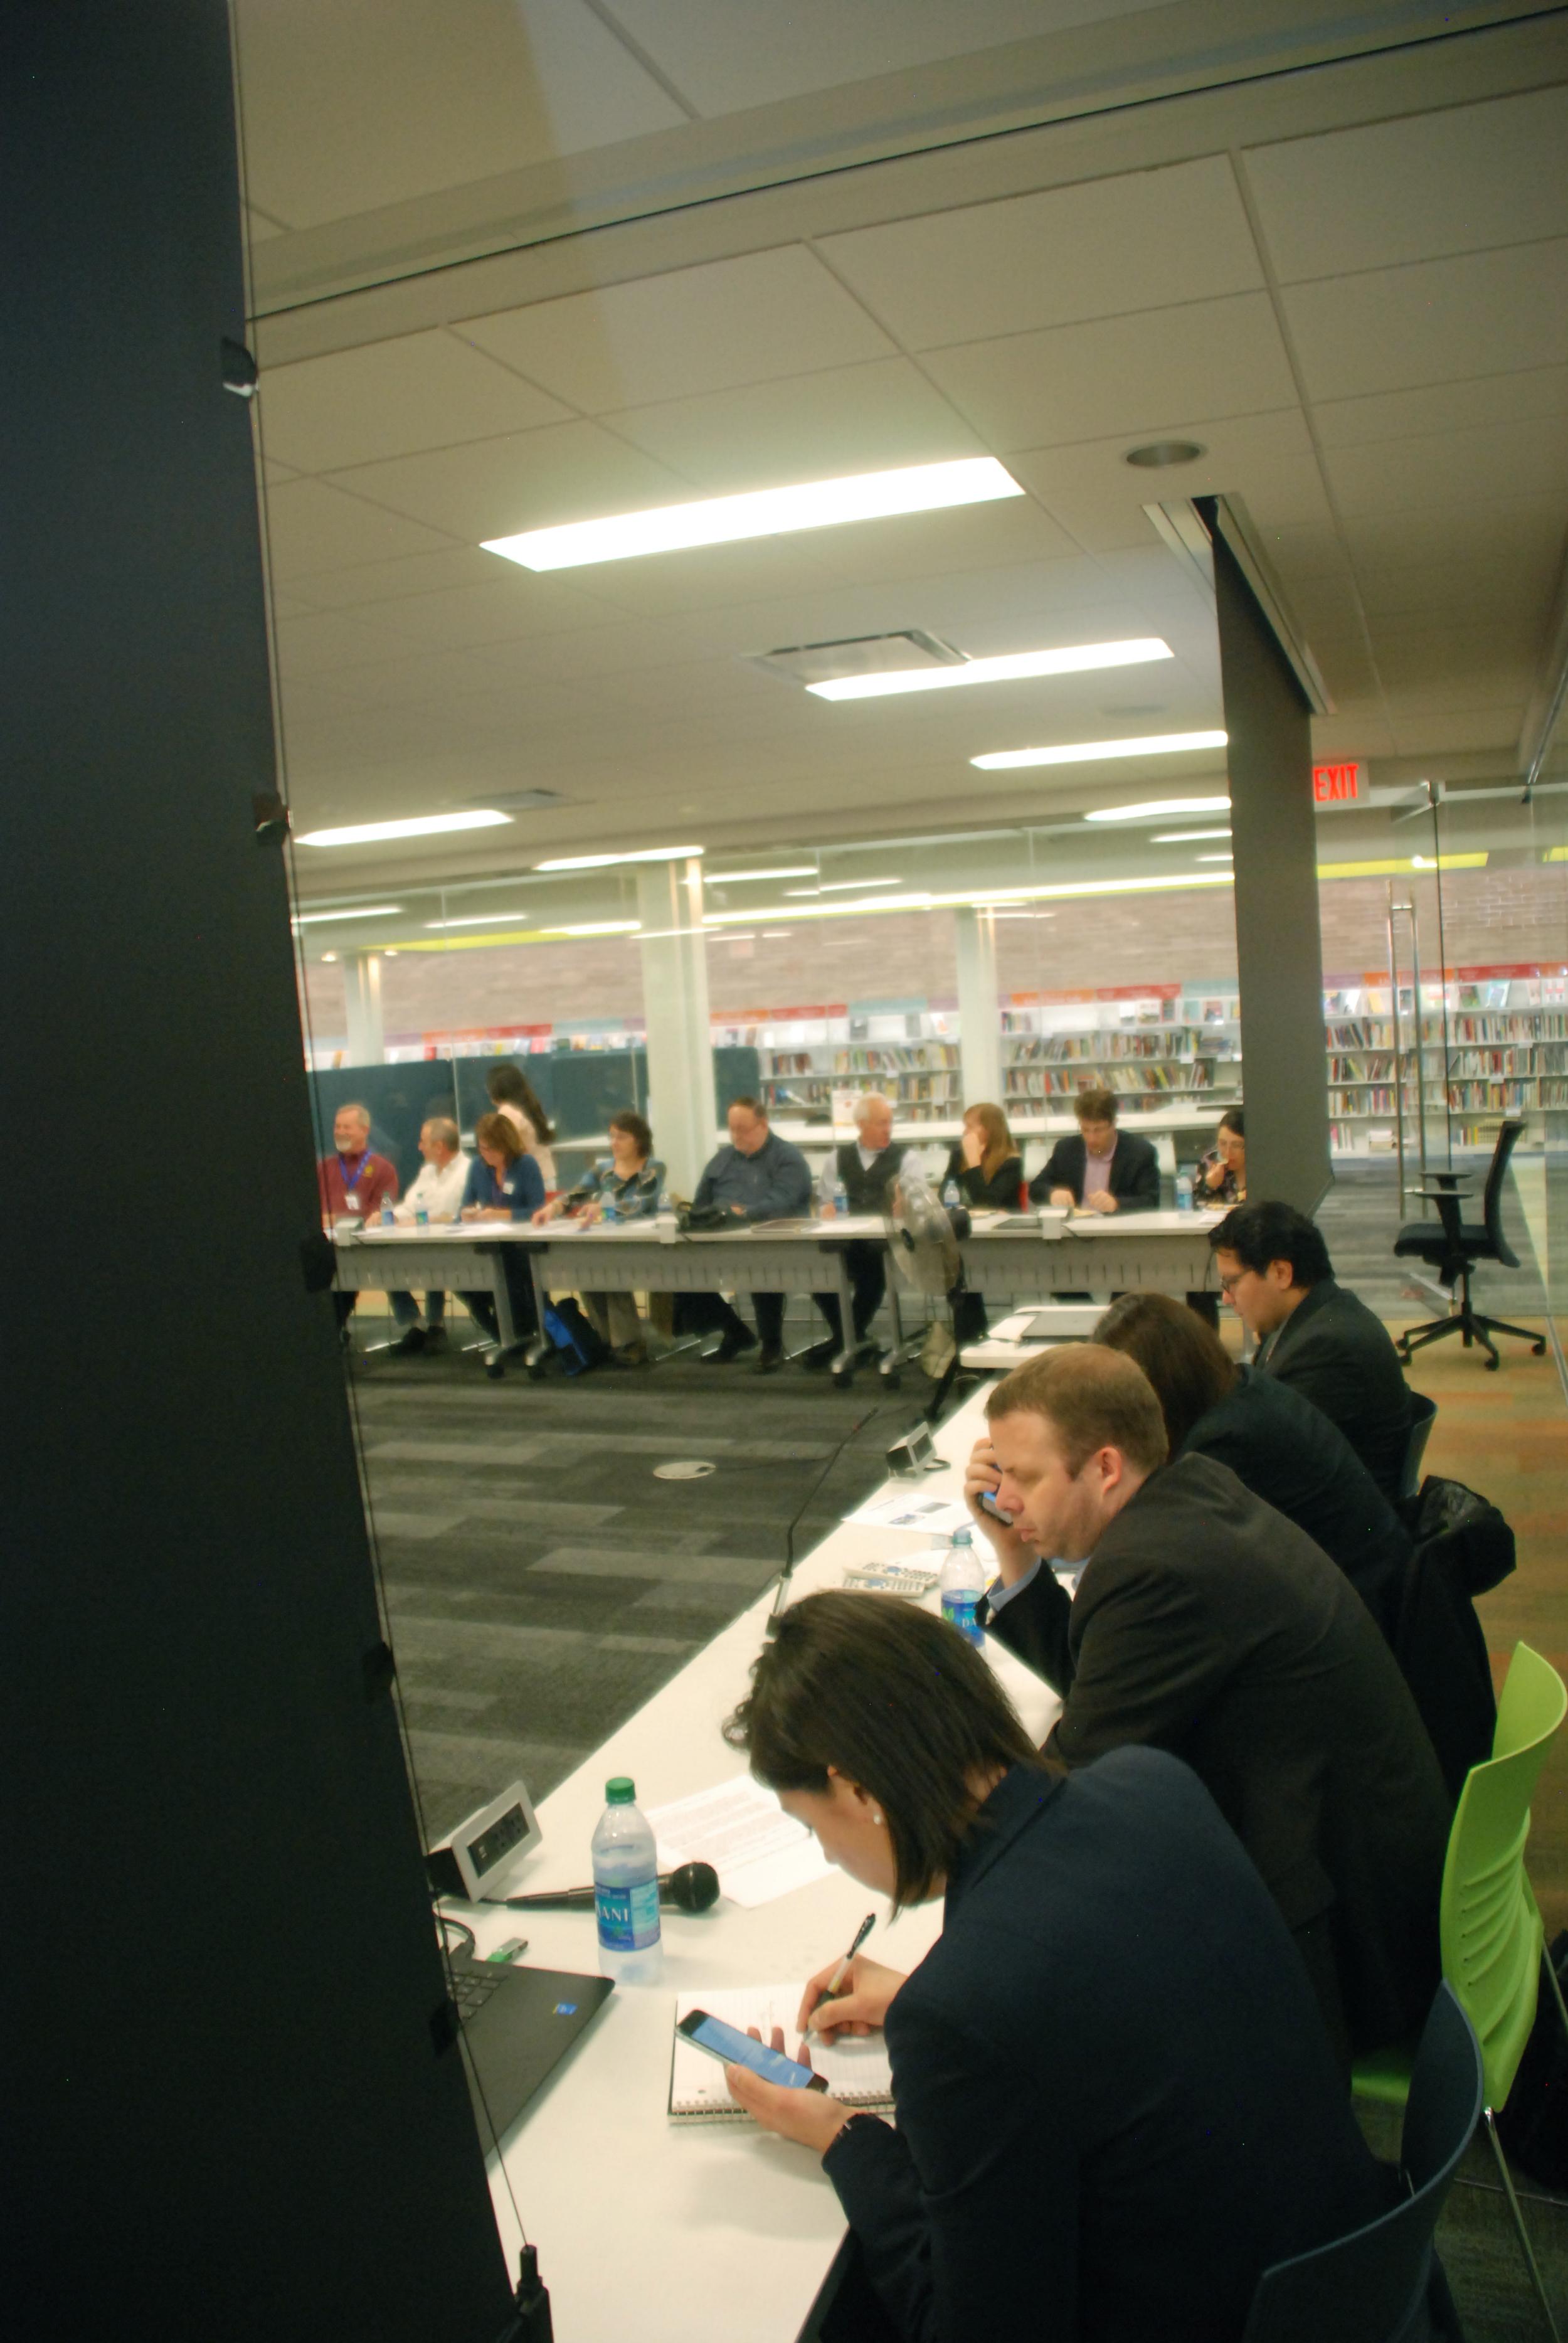 Panel preparing to speak